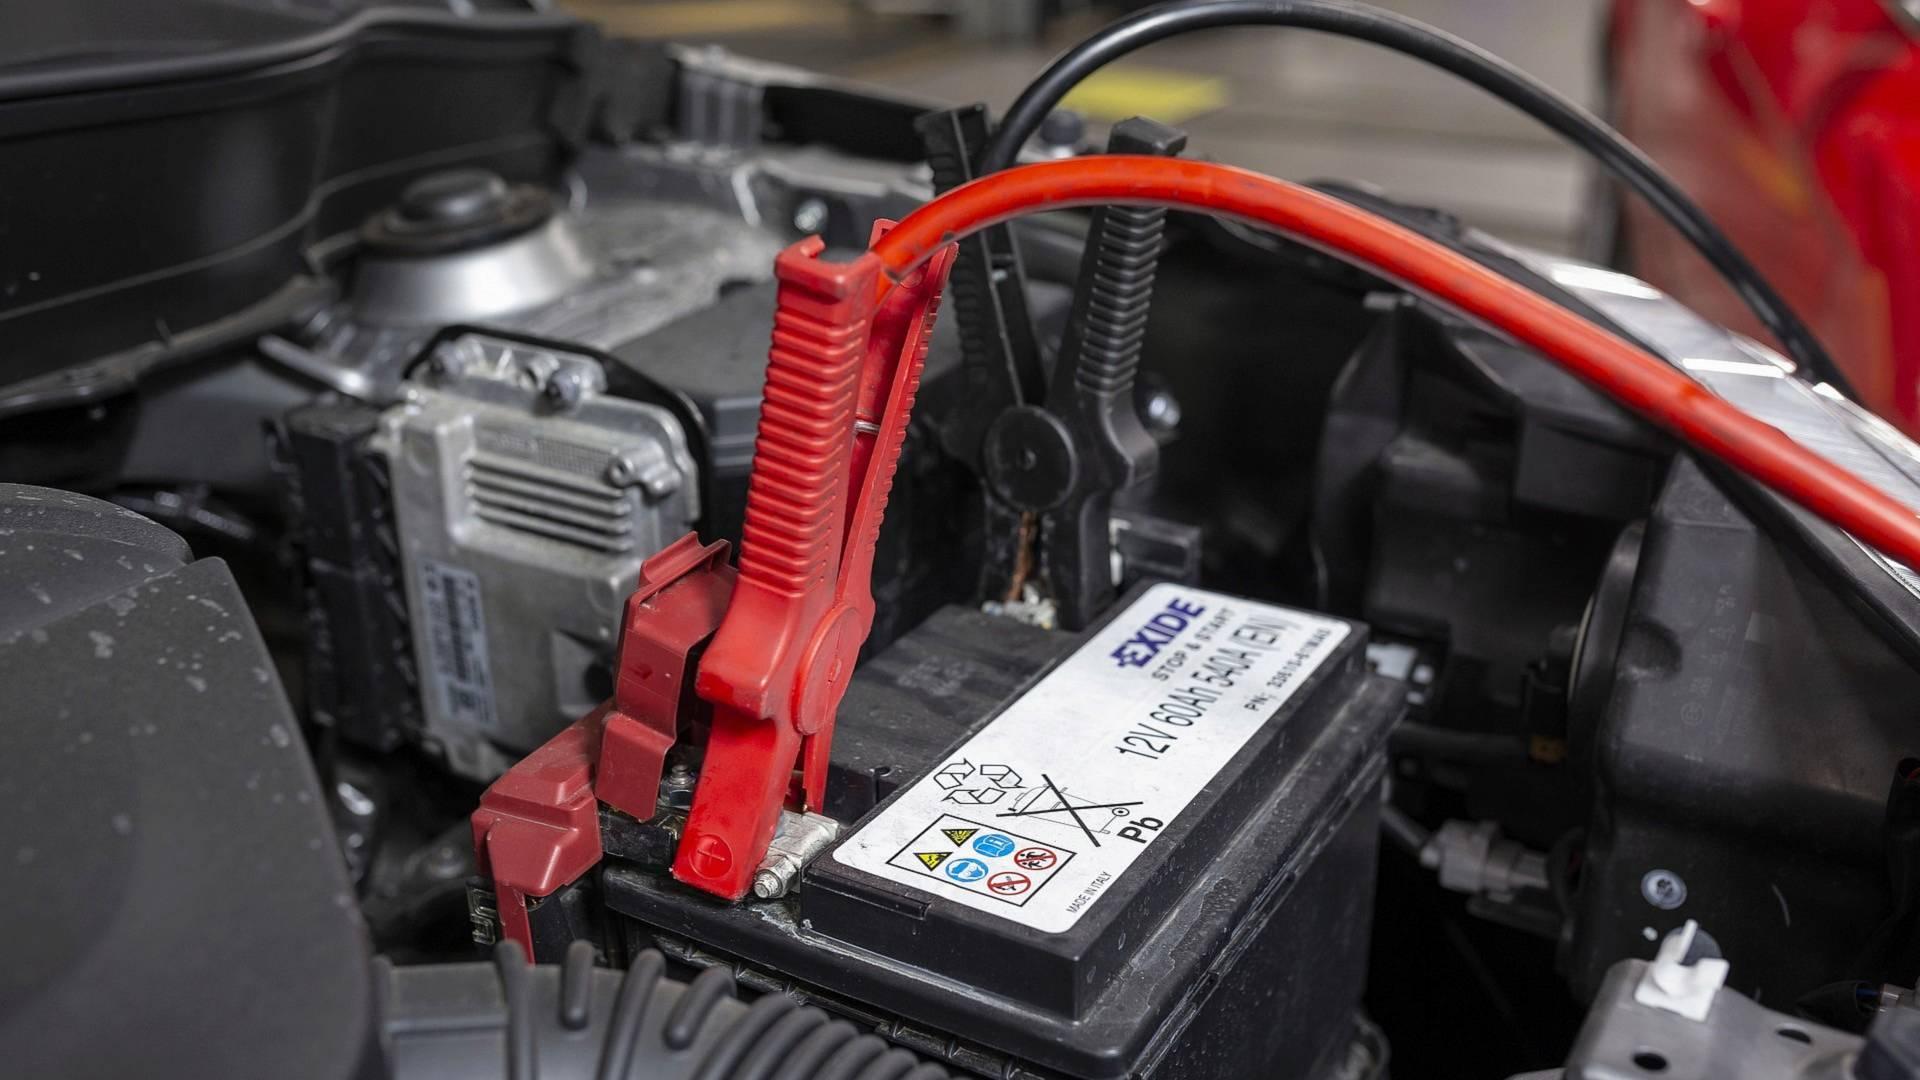 Come si mettono i cavi della batteria - AUTOMOBILANDIA